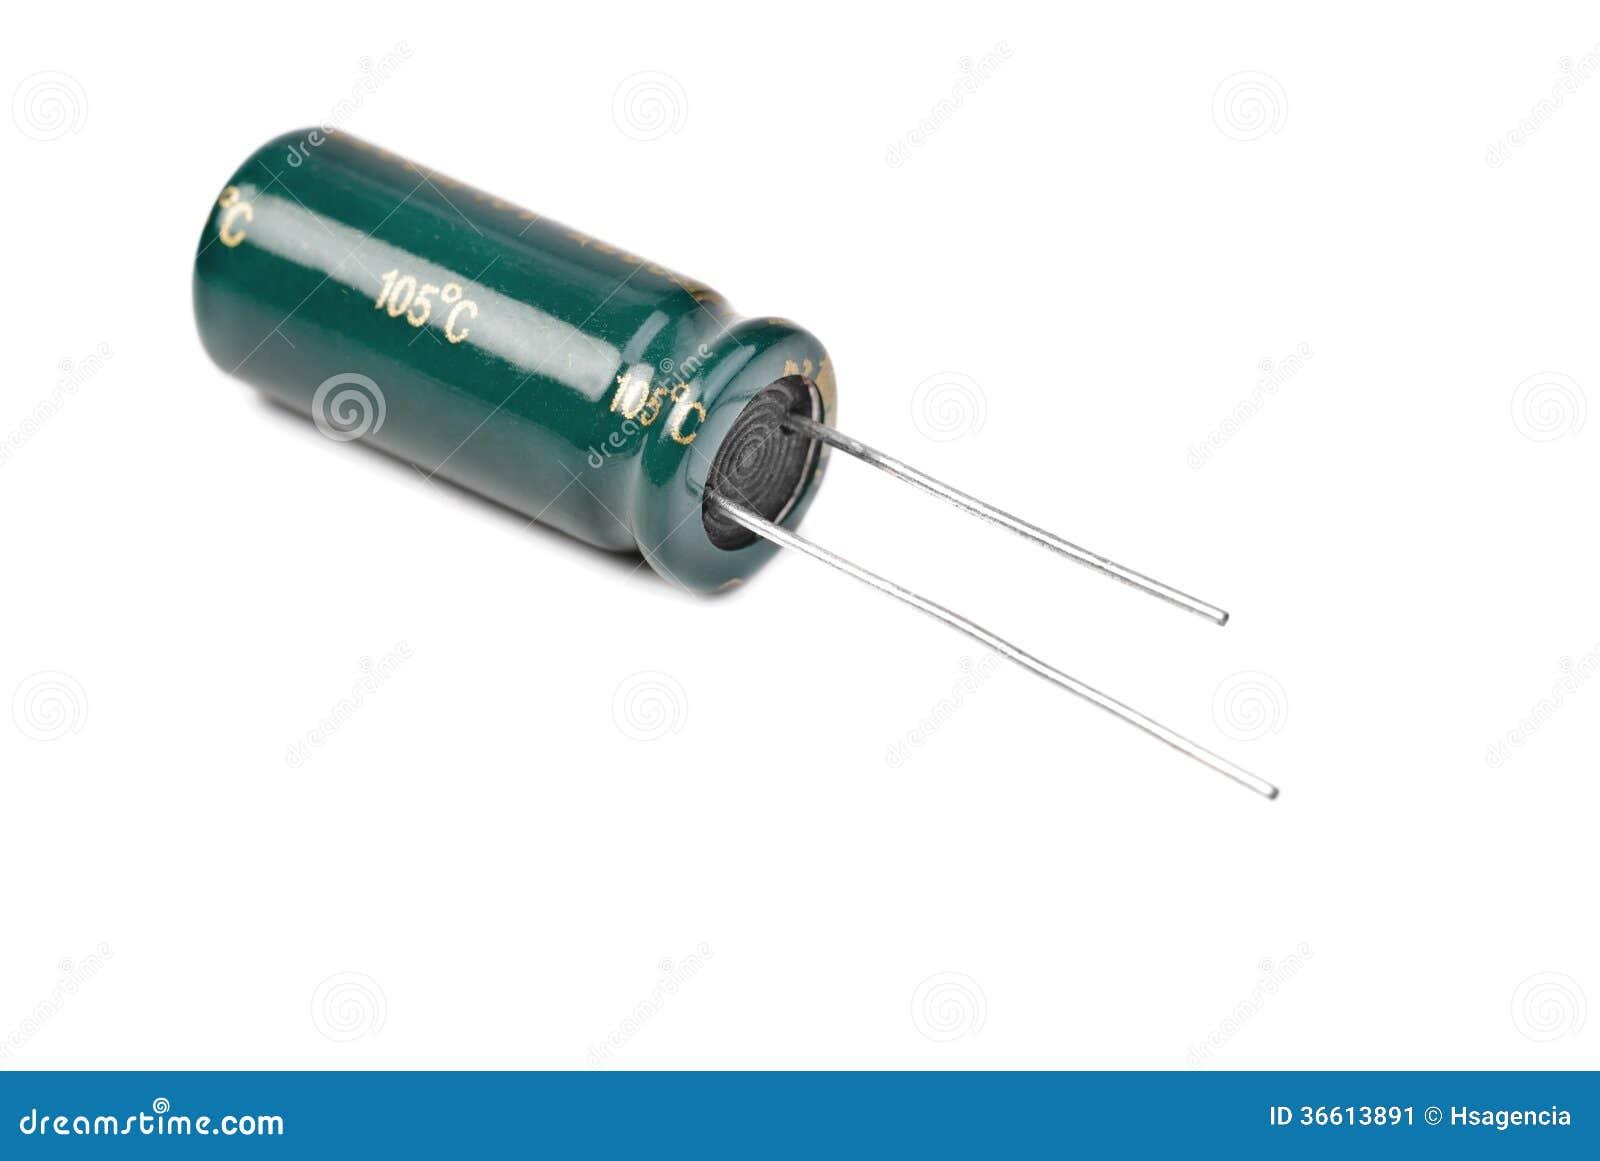 Elektrolytisk kondensator i gräsplan